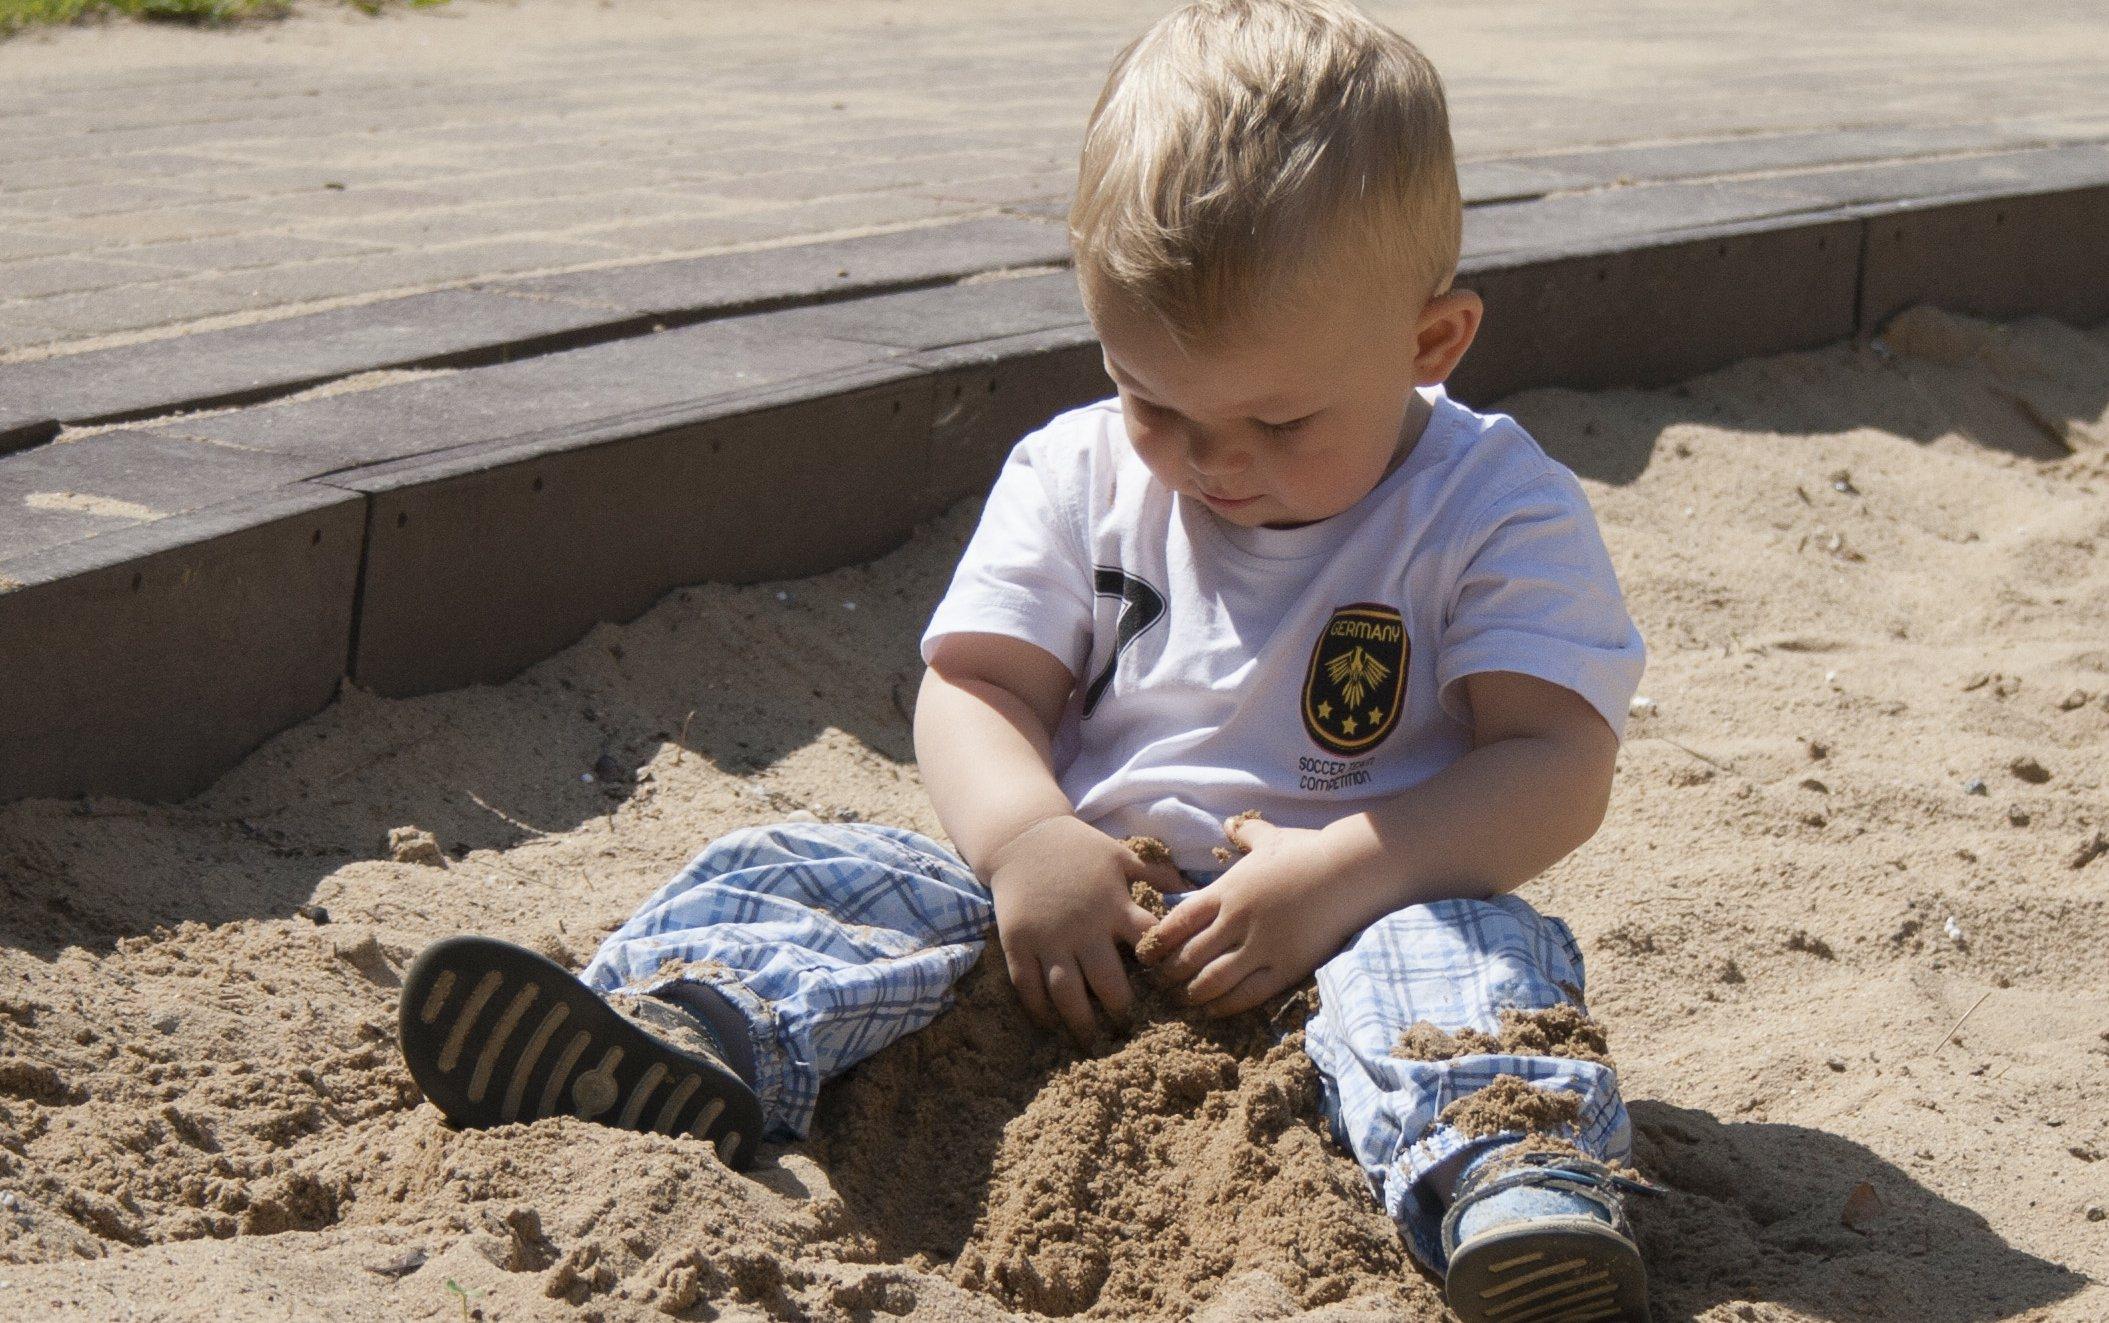 Für Kleinkinder fehlen in Deutschland Krippenplätze. Foto: anschi / pixelio.de